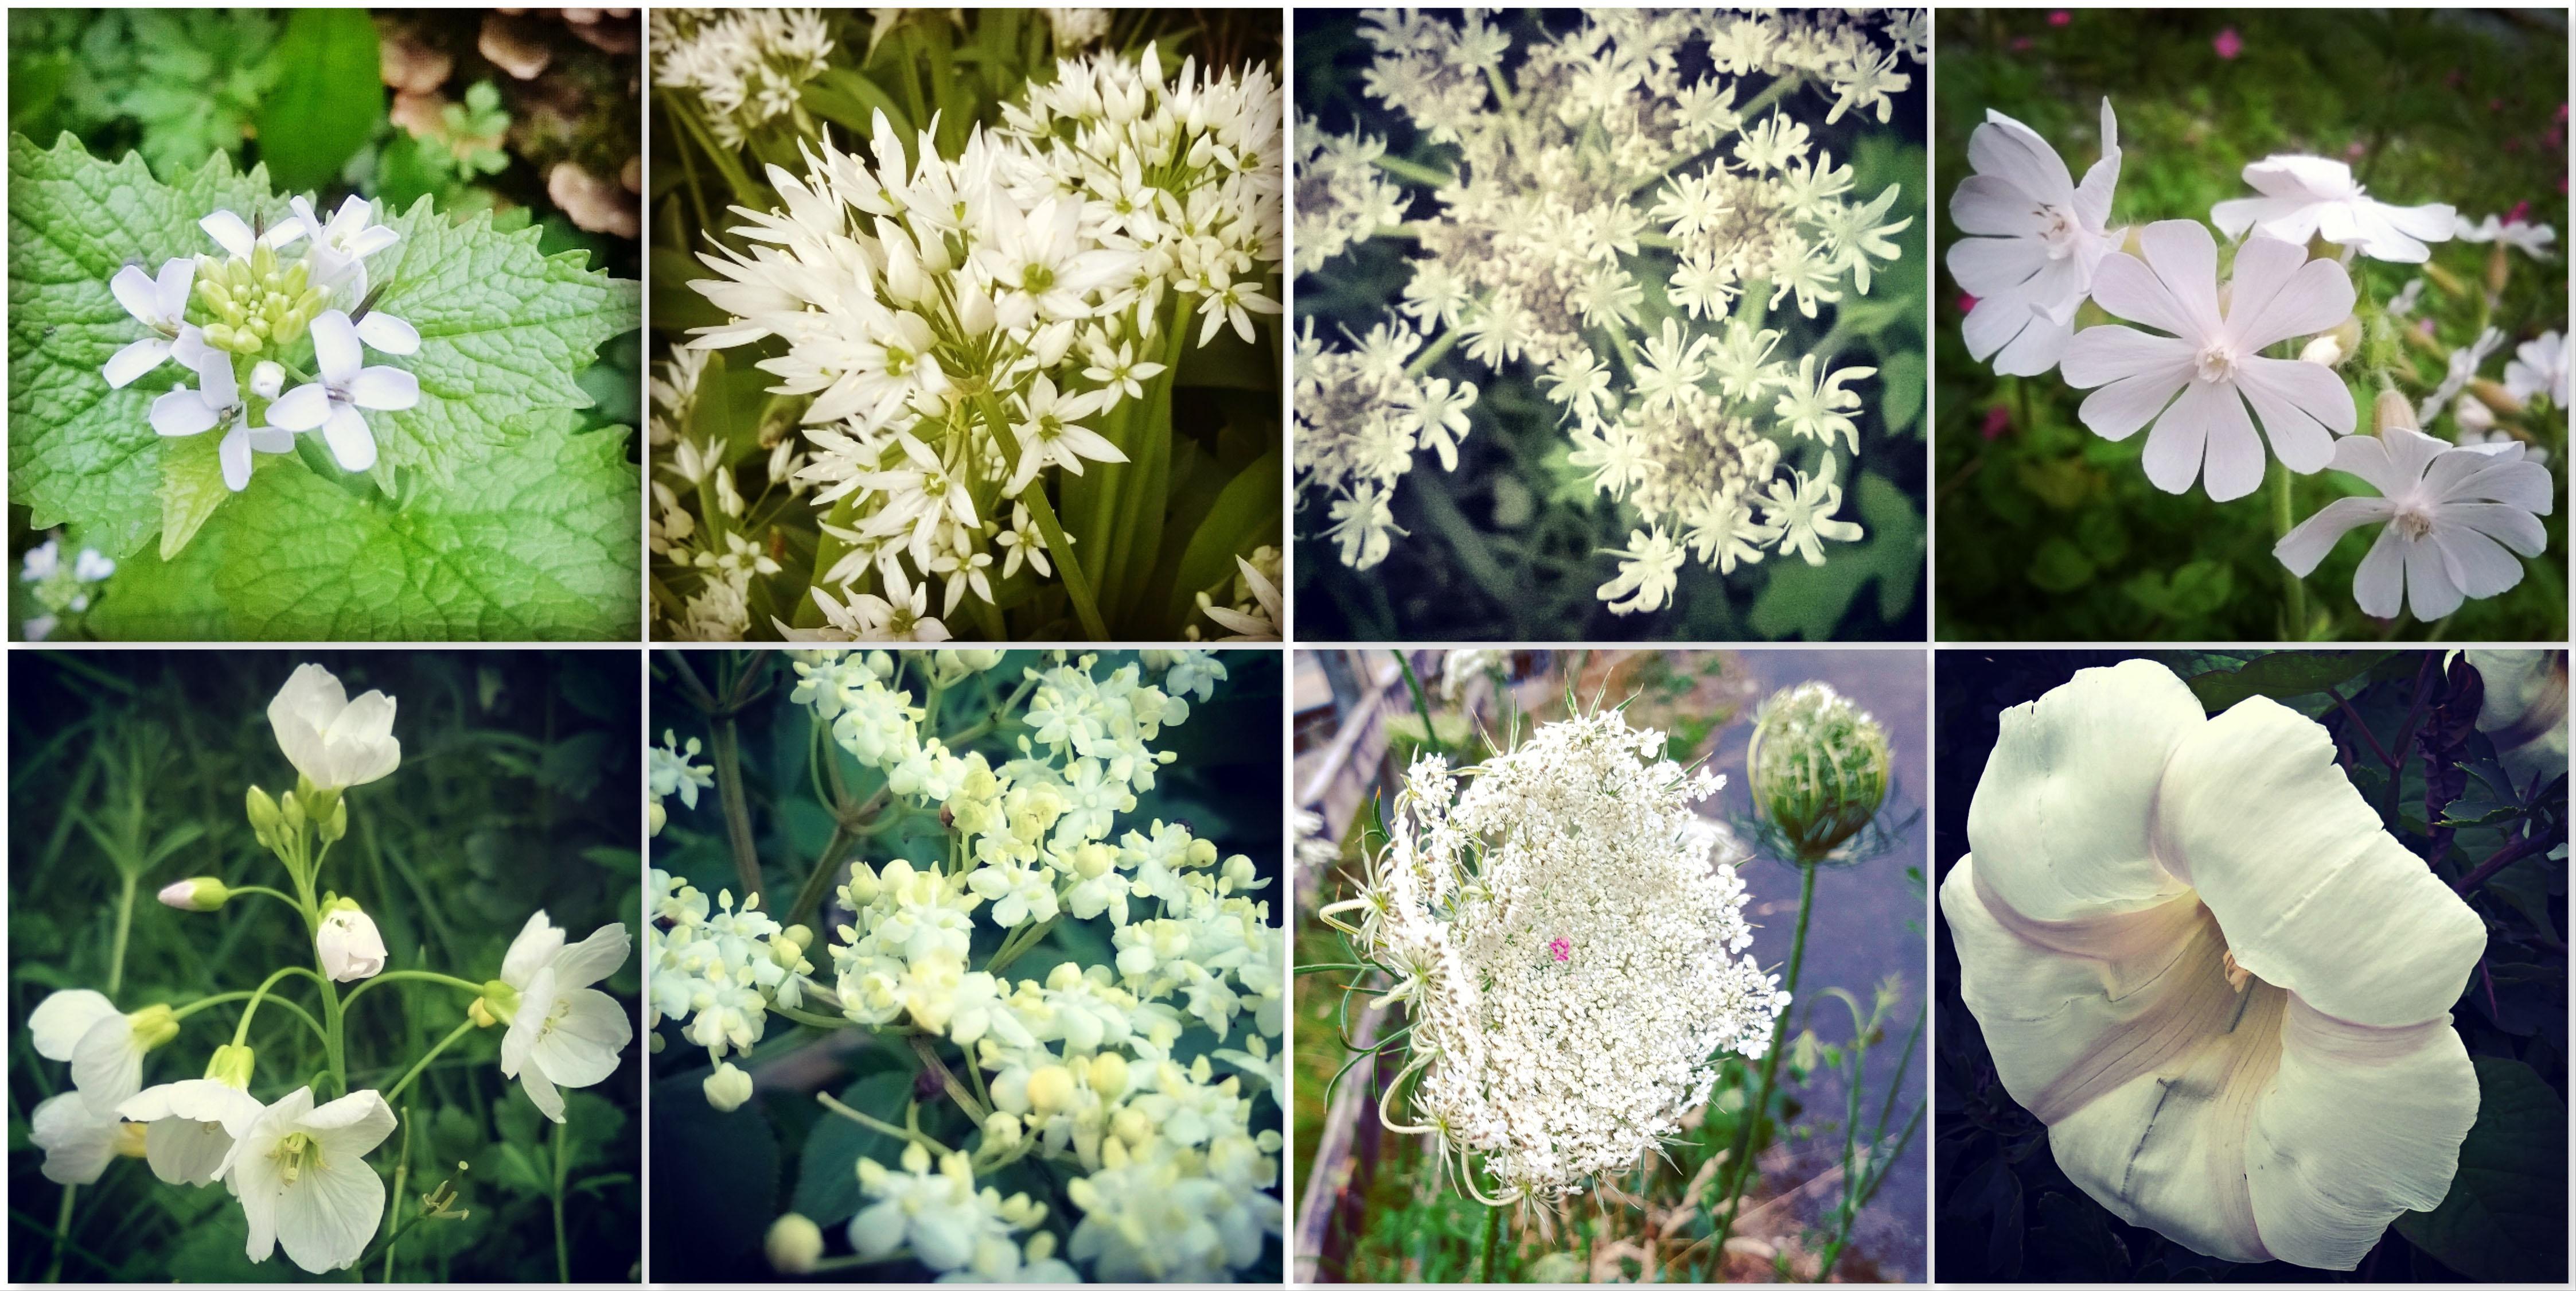 Garlic Mustard - Wild Garlic - Cow Parsley - White Campion - Cuckoo Flower - Elderflower - Wild Carrot - Columbine